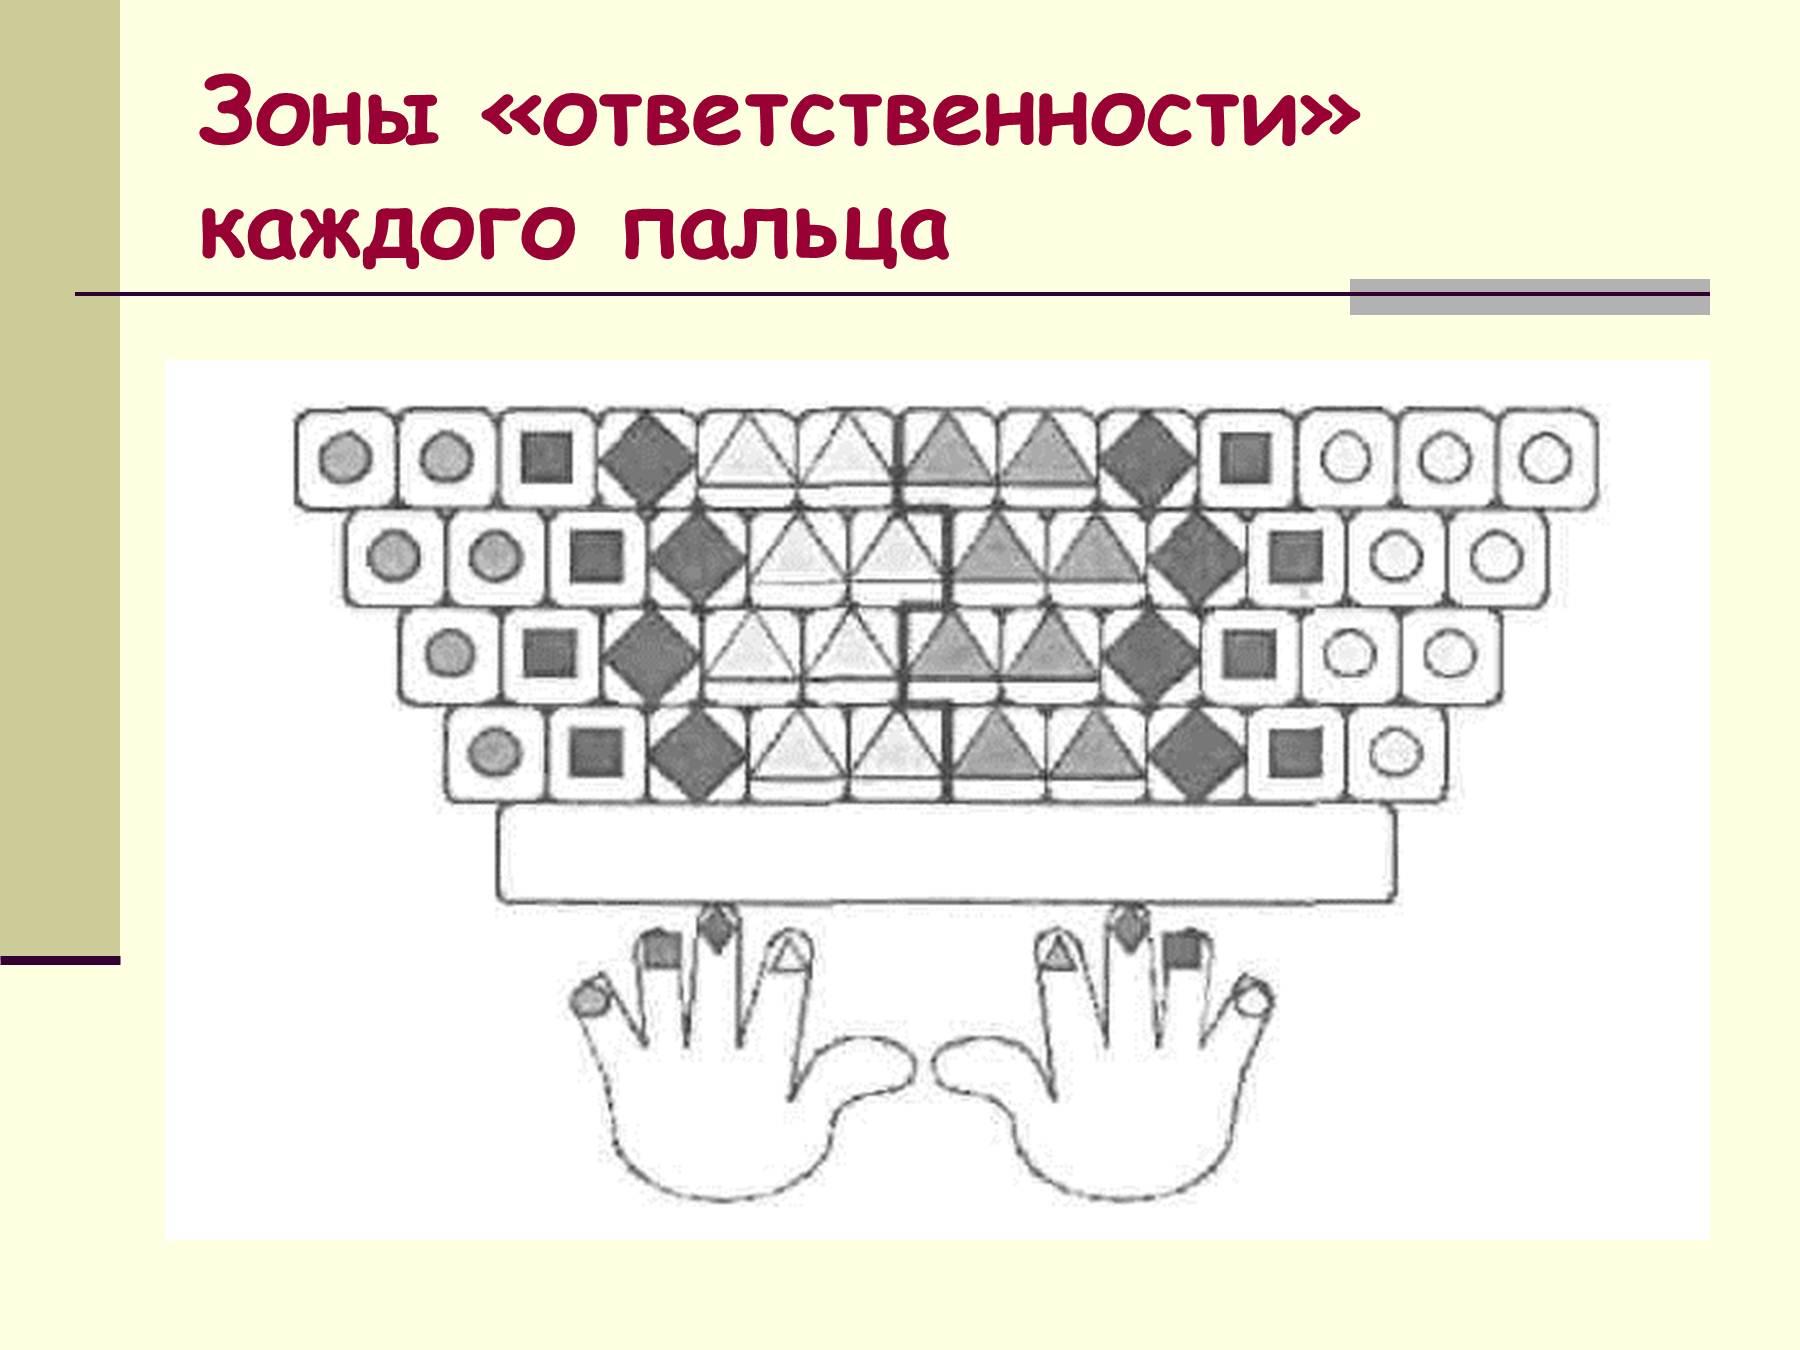 Схема как правильно печатать схема